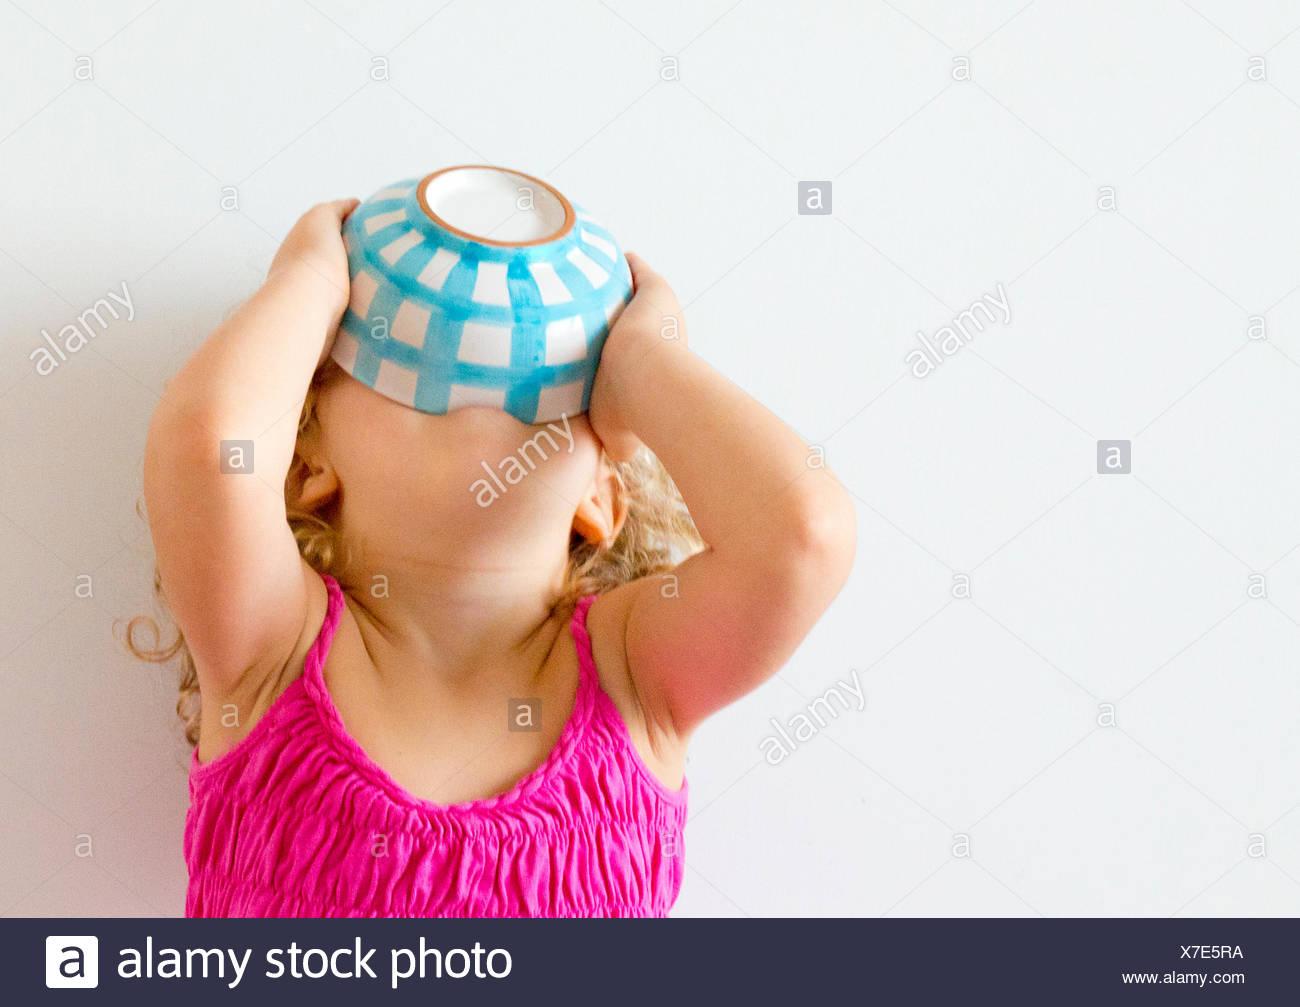 Chica con cabeza hacia atrás manteniendo tazón de cereales a la boca Foto de stock